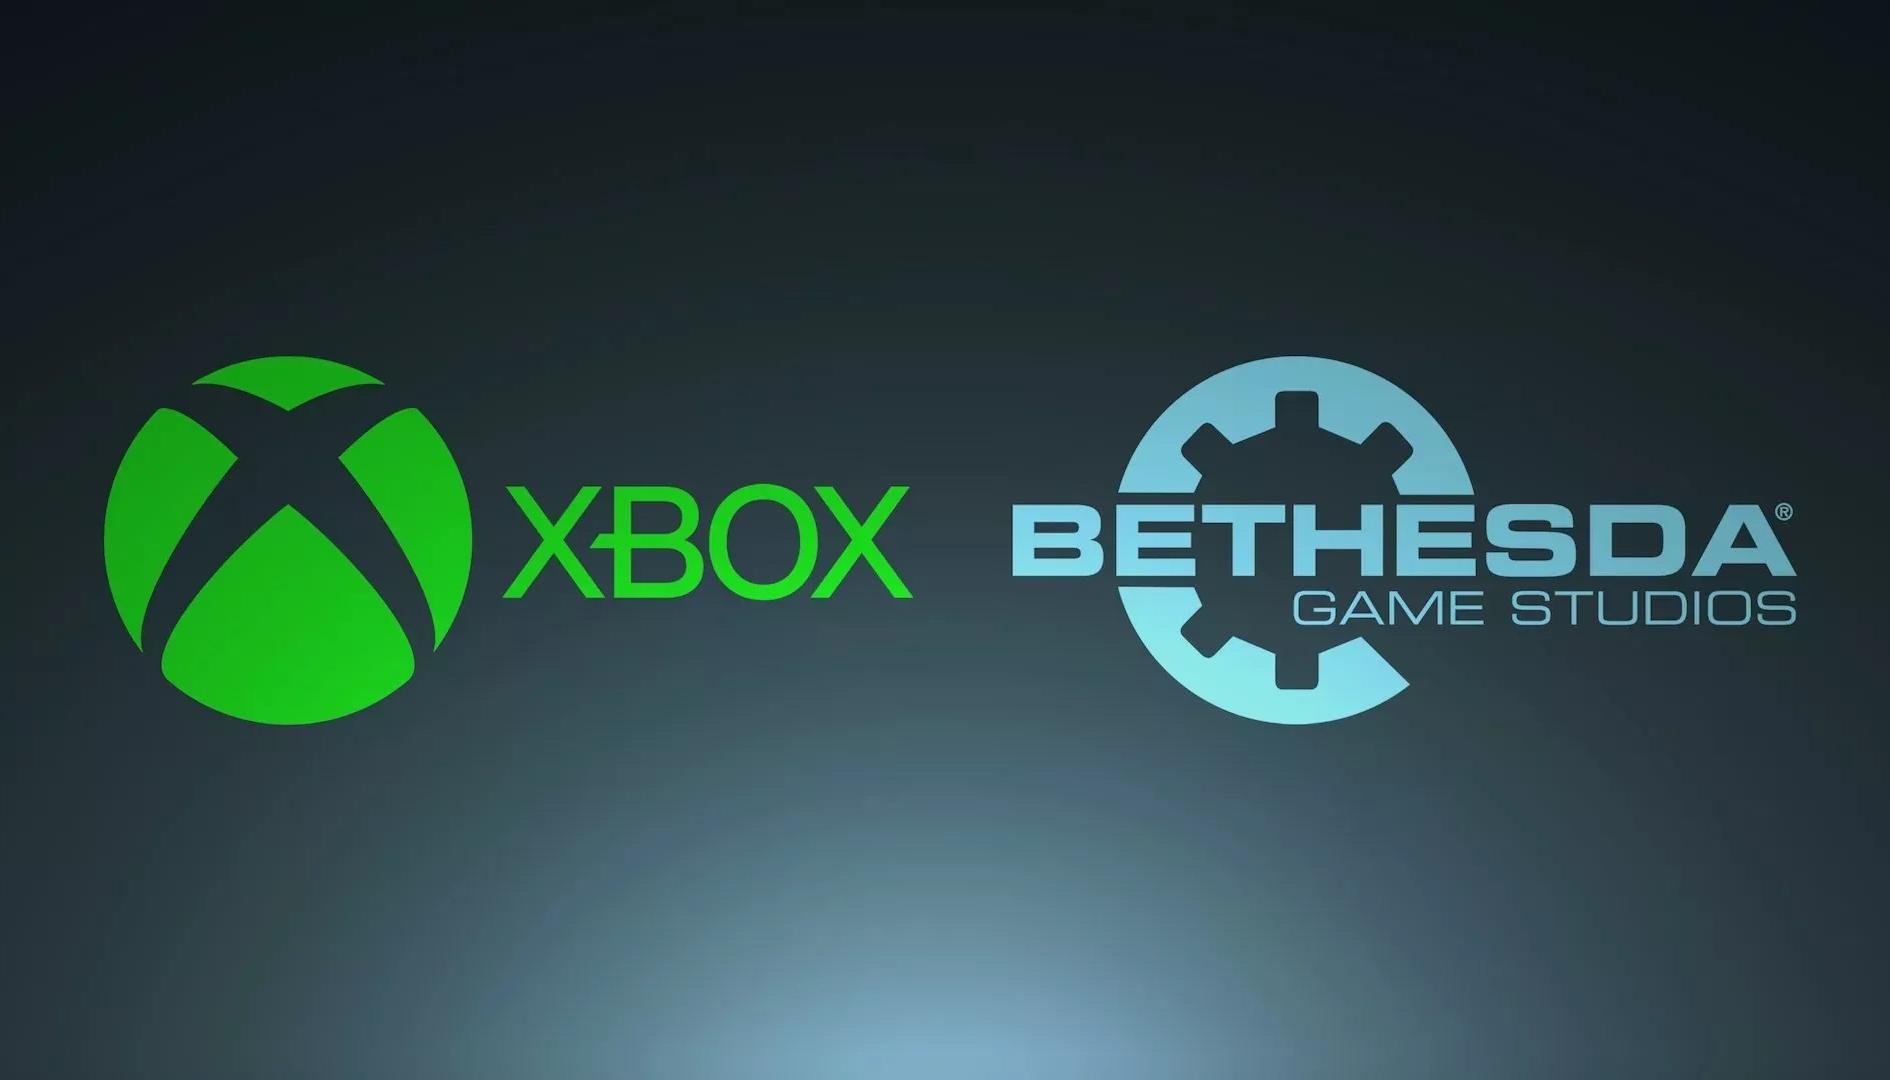 Bethesda è di Microsoft: l'accordo è stato approvato